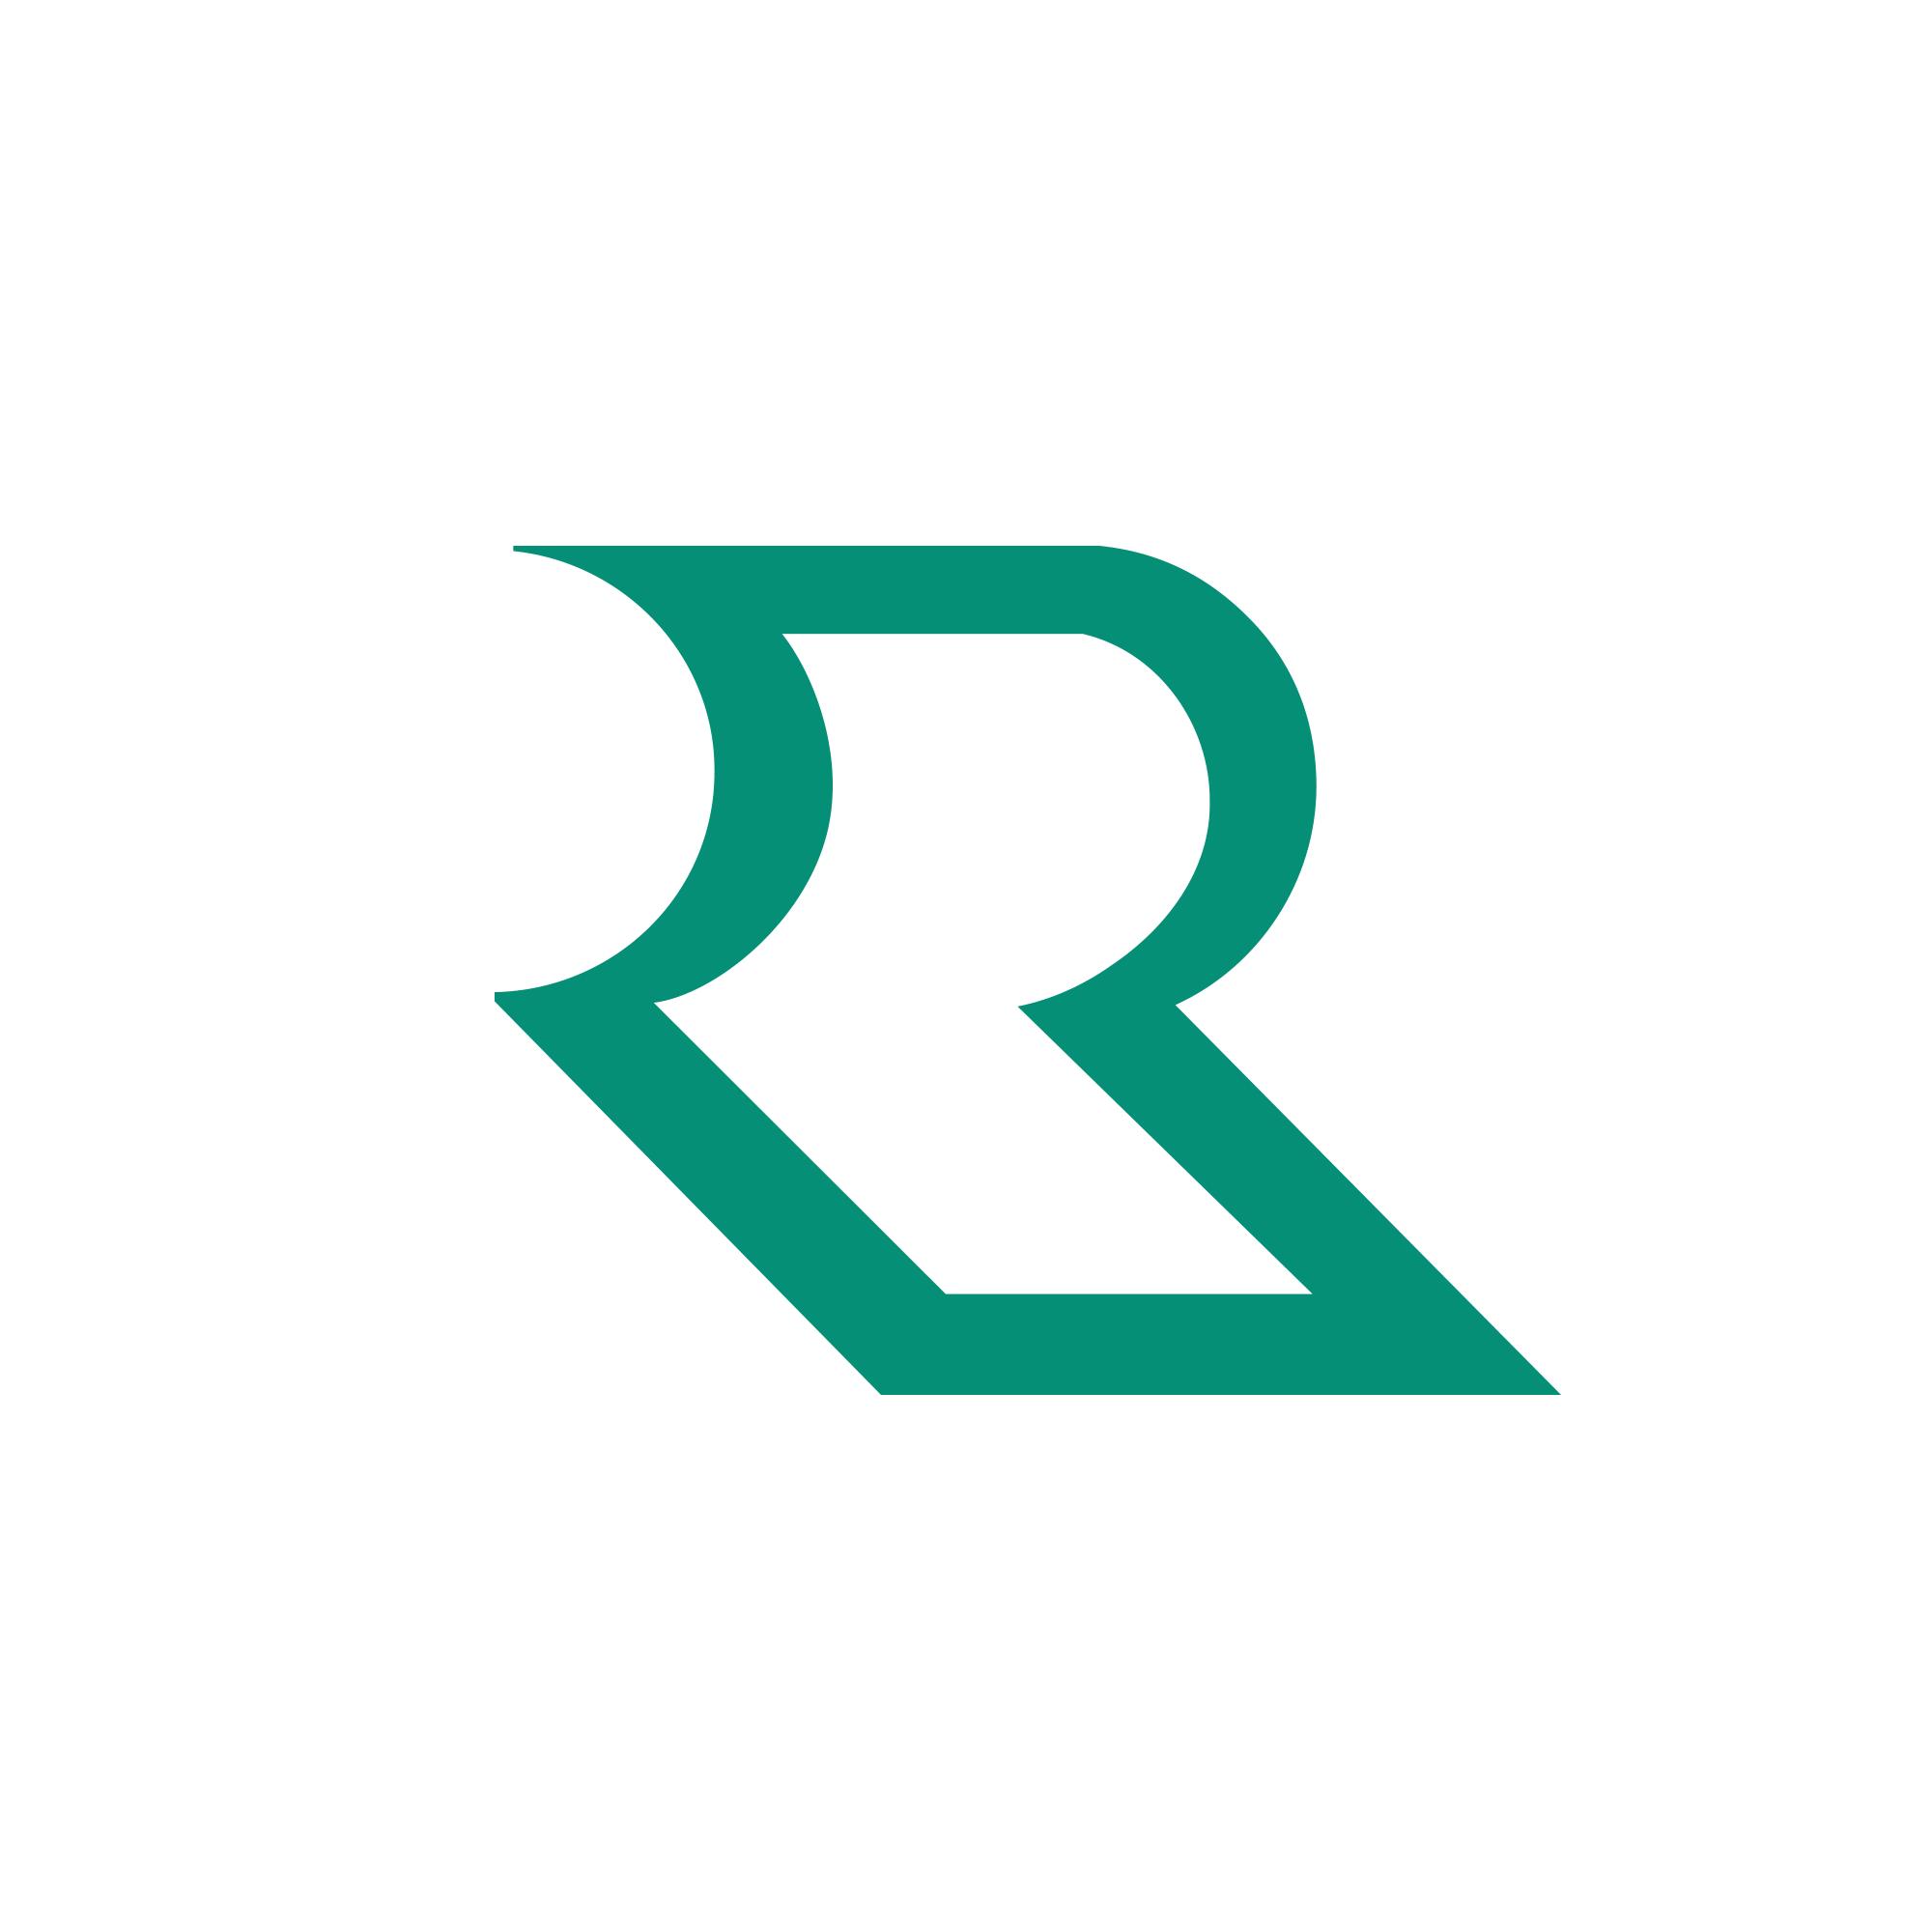 Revell Logo United States Letter R Book Logo Letter Logo